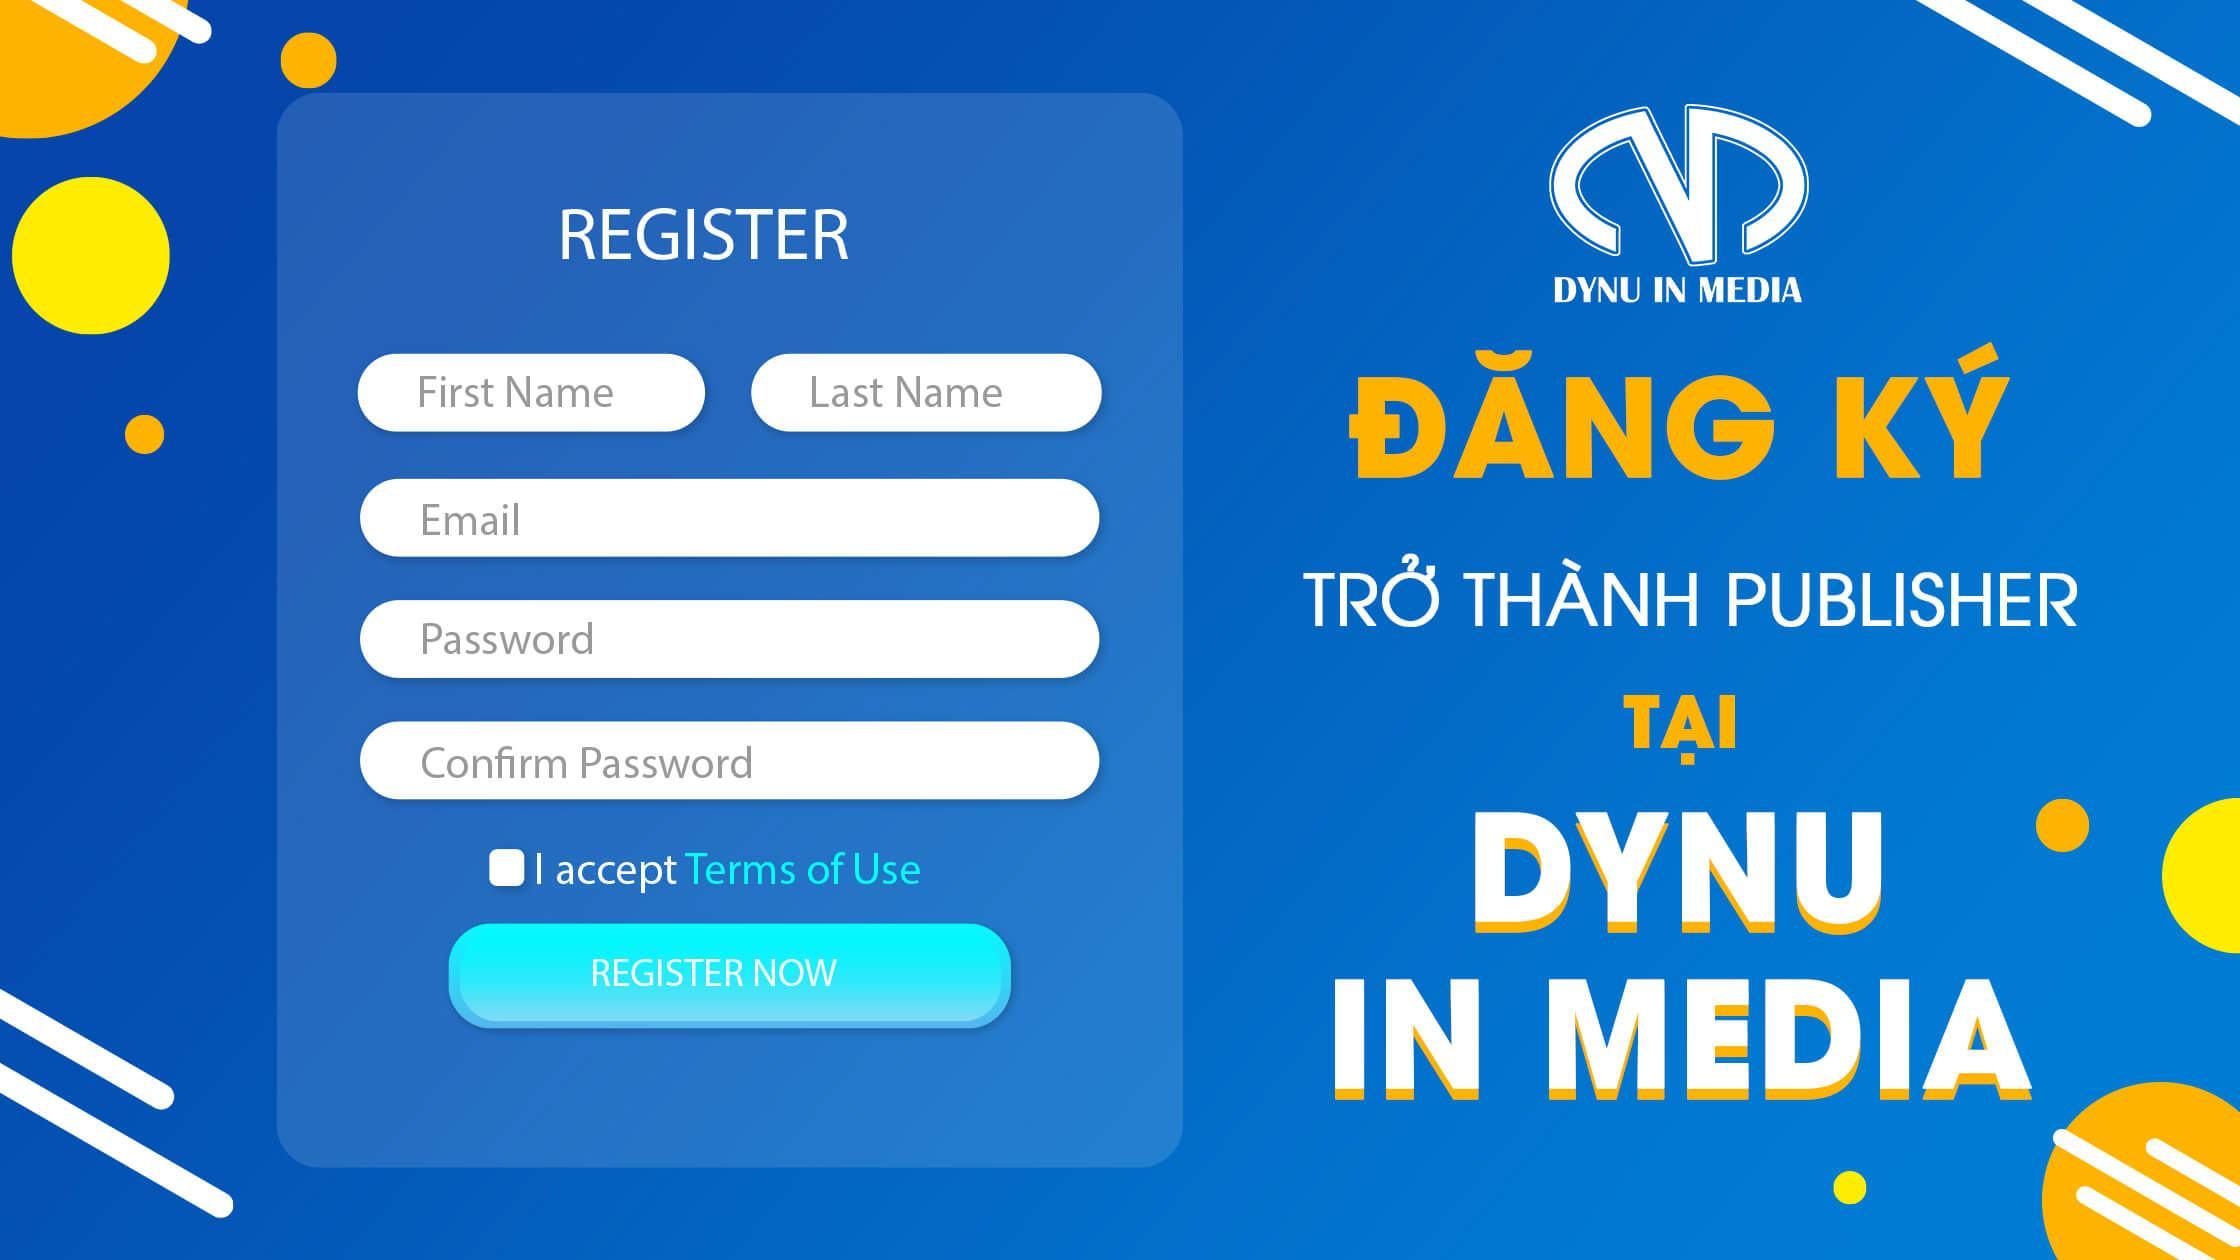 Đăng ký trở thành Publisher tại DYNU IN MEDIA